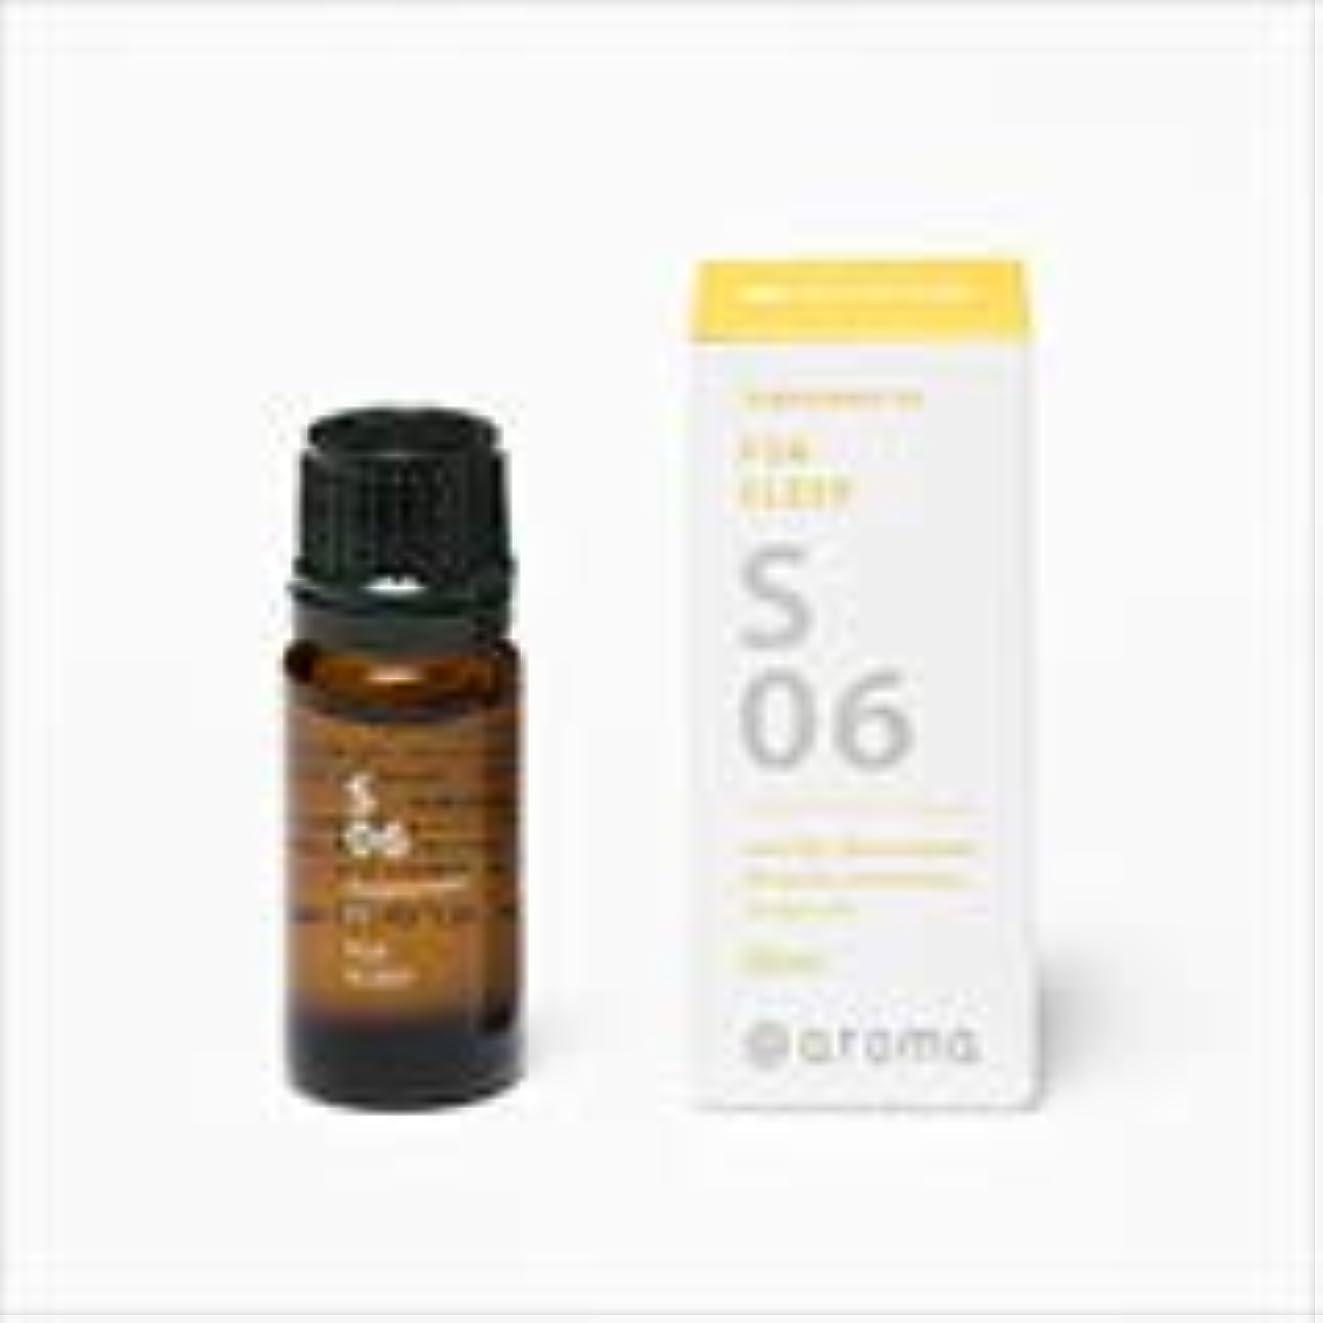 アクセスロール寝てるアットアロマ 100%pure essential oil <Supplement air リフレッシュ>